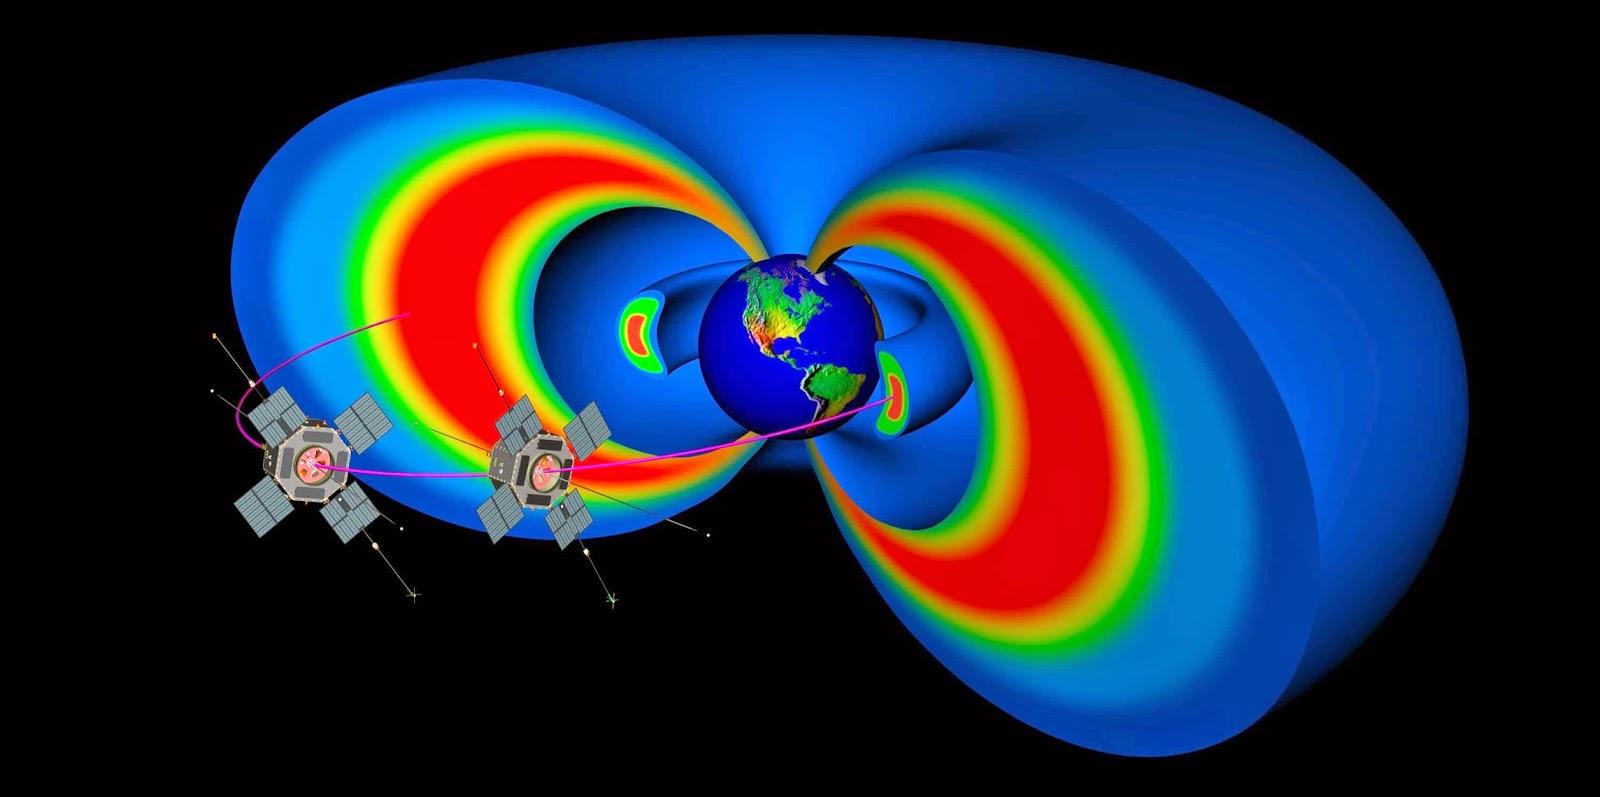 Gráfico da NASA apresentando os escudos magnéticos de Van Allen em volta da Terra  e as duas 2 sondas da NASA, também conhecidas como Radiation Belt Storm Probes